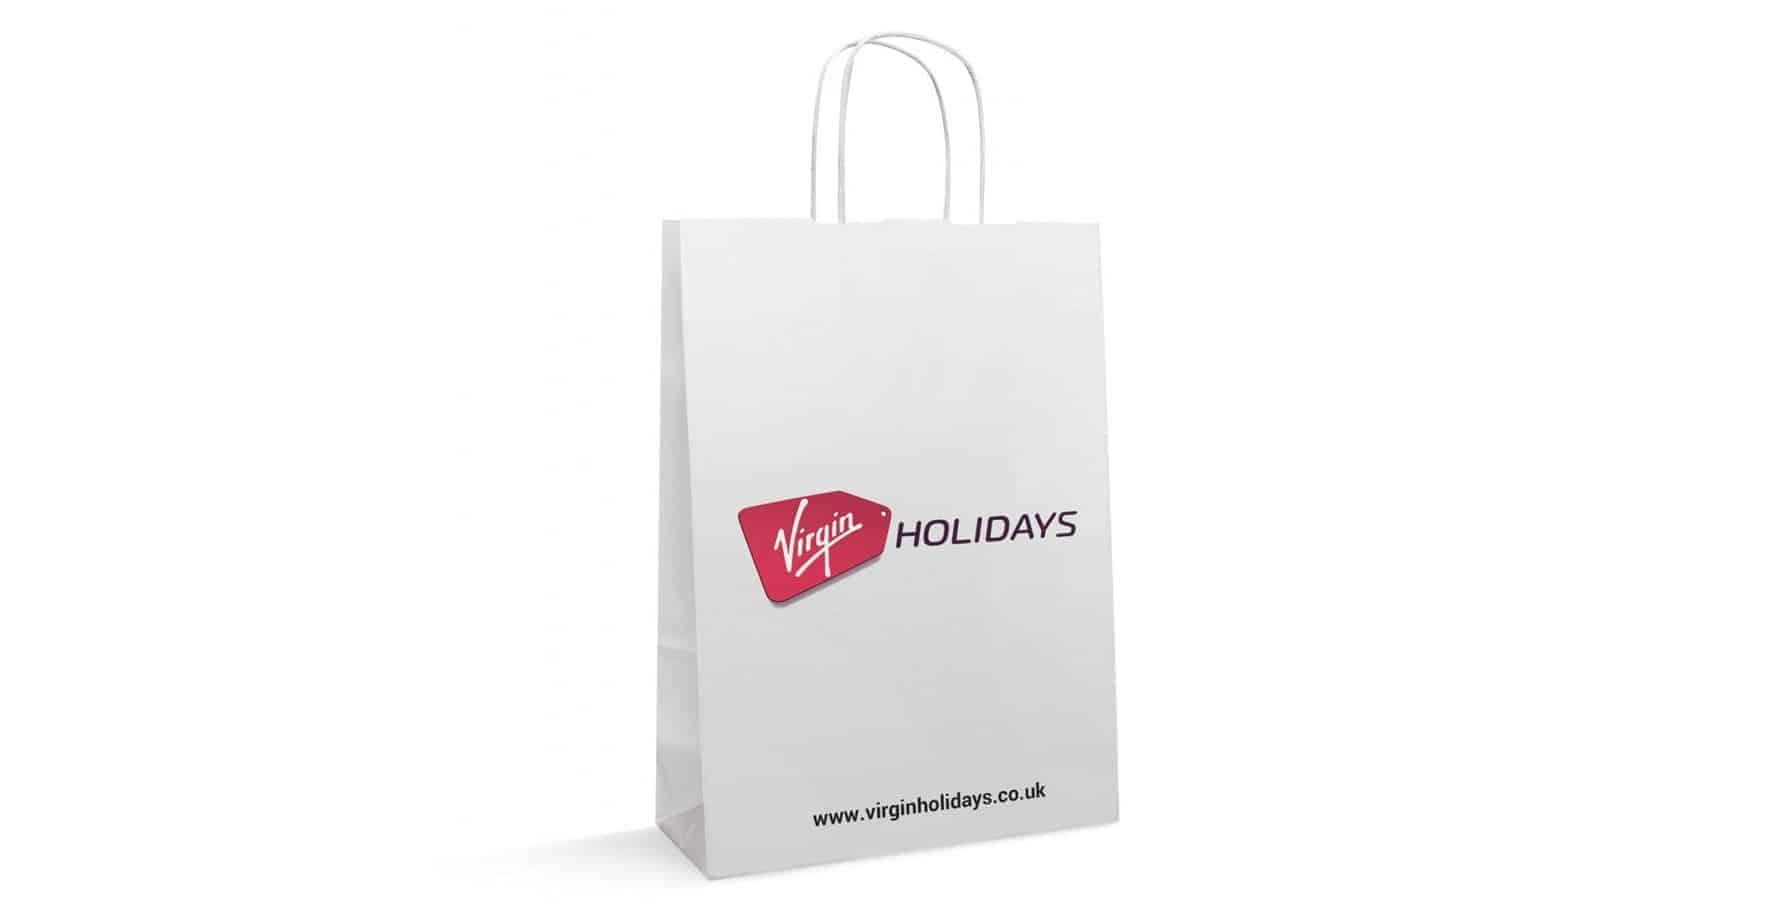 Virgin Holidays White Kraft Custom Printed Twisted Handle Paper Bags